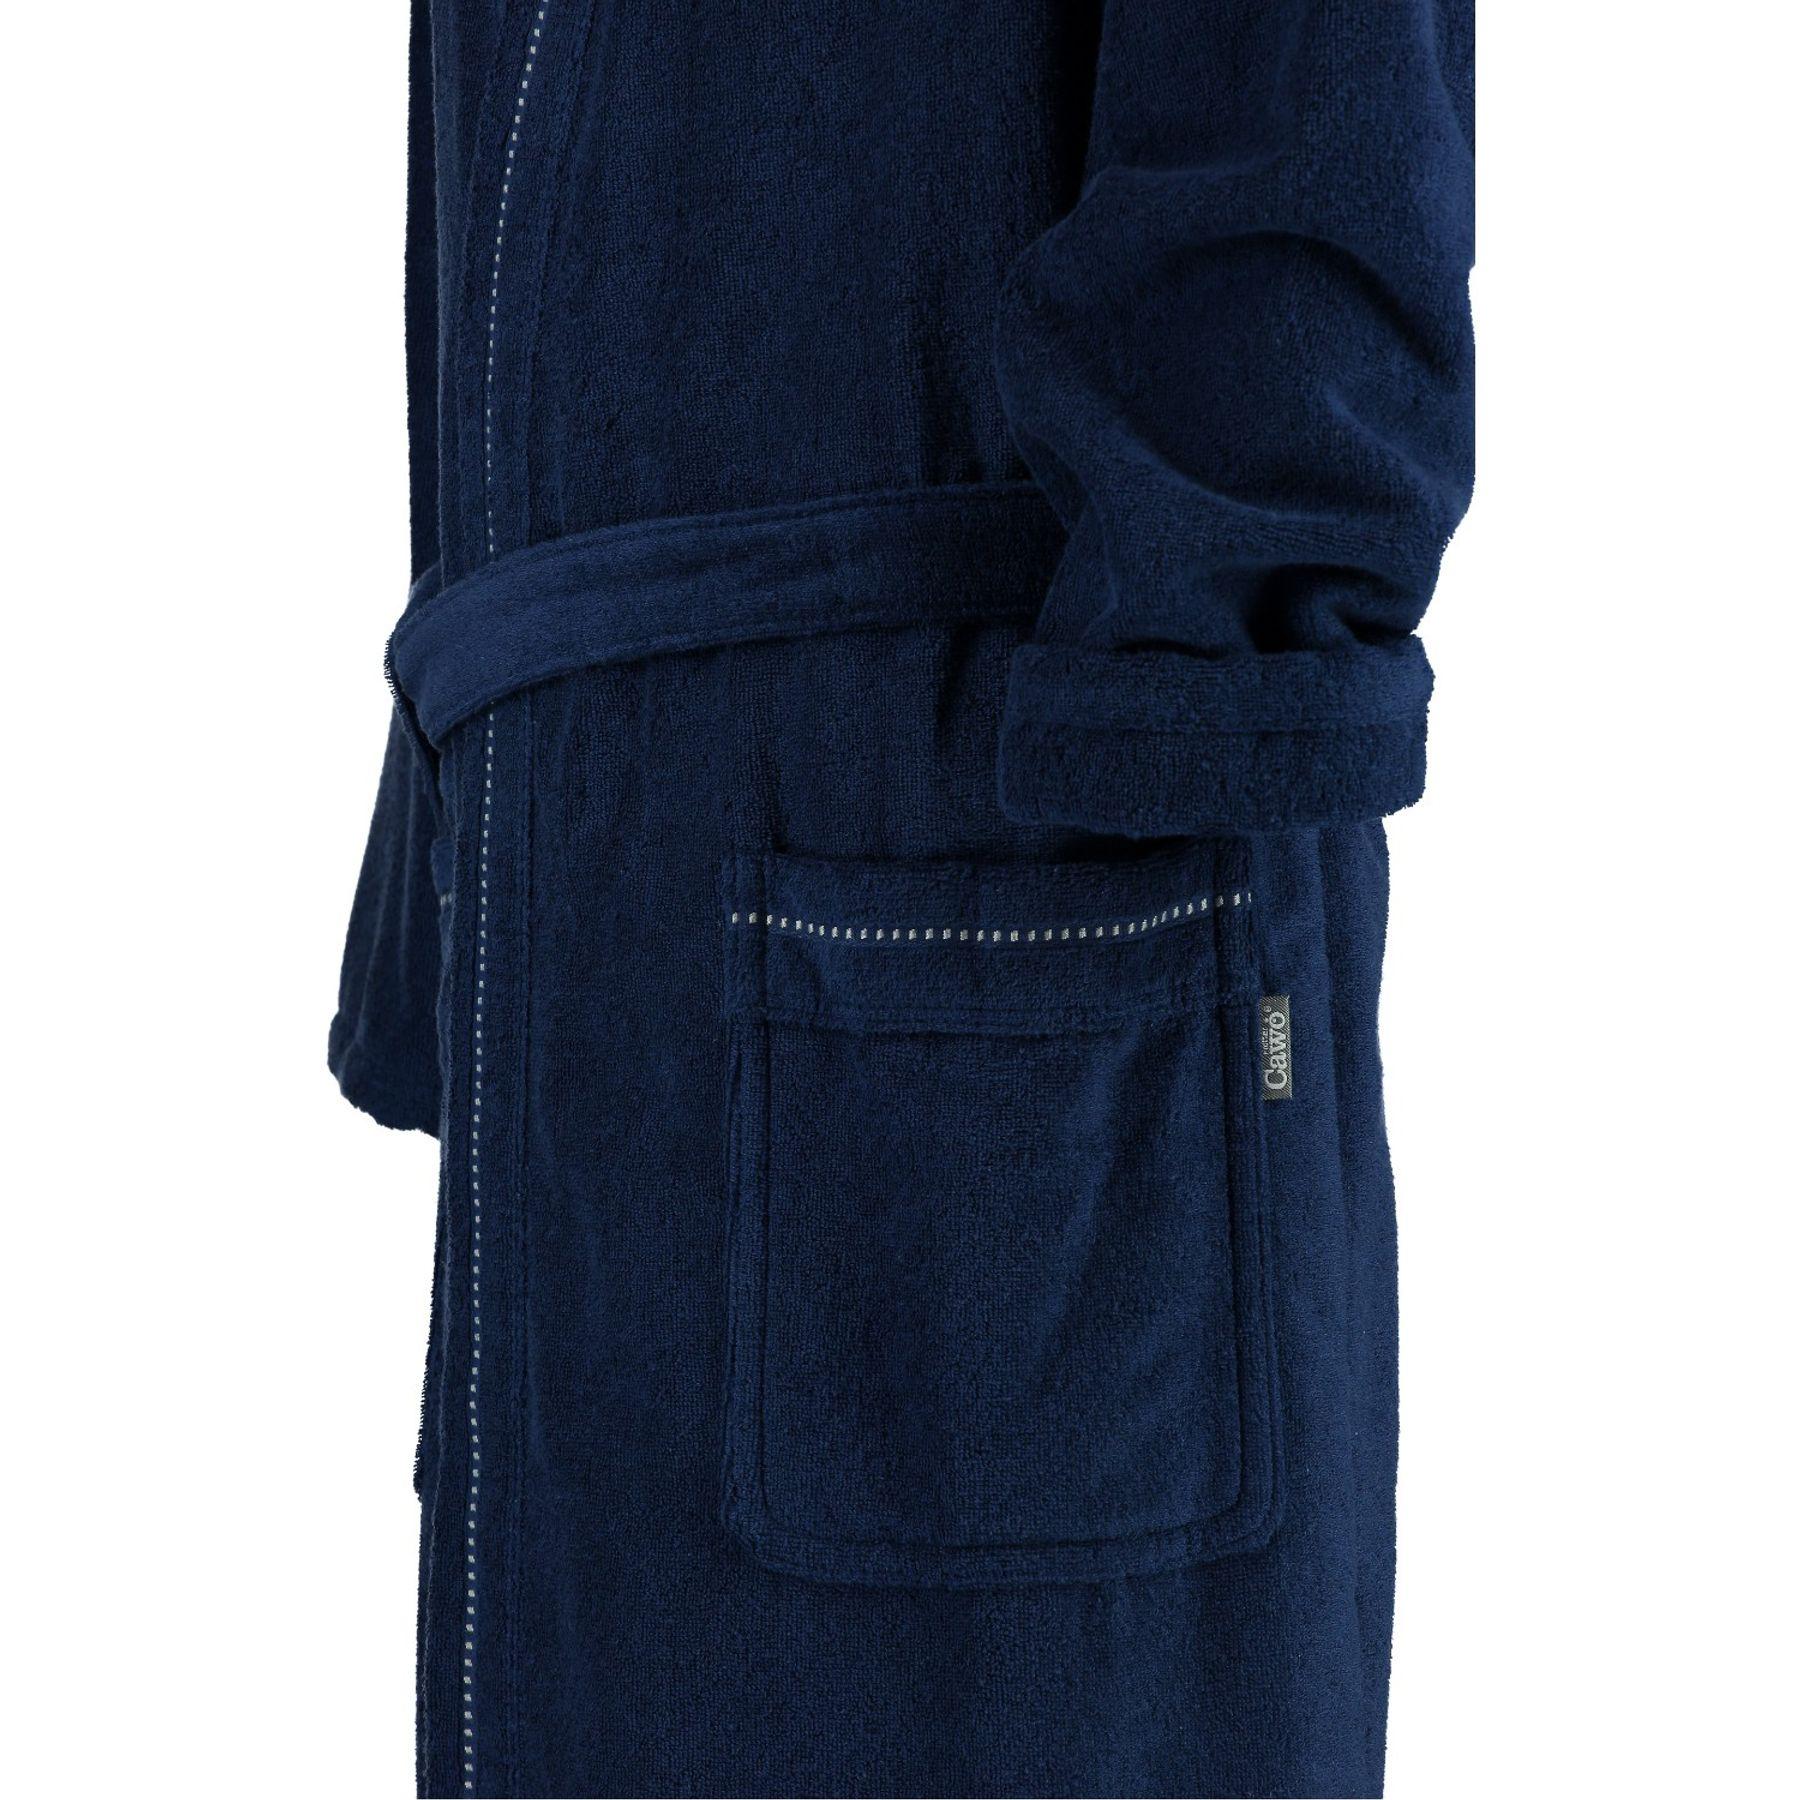 Cawö - Herren Walkfrottier Bademantel mit Kimono Form in verschiedenen Farbvarianten (4511/GG8136/SG4910) – Bild 3